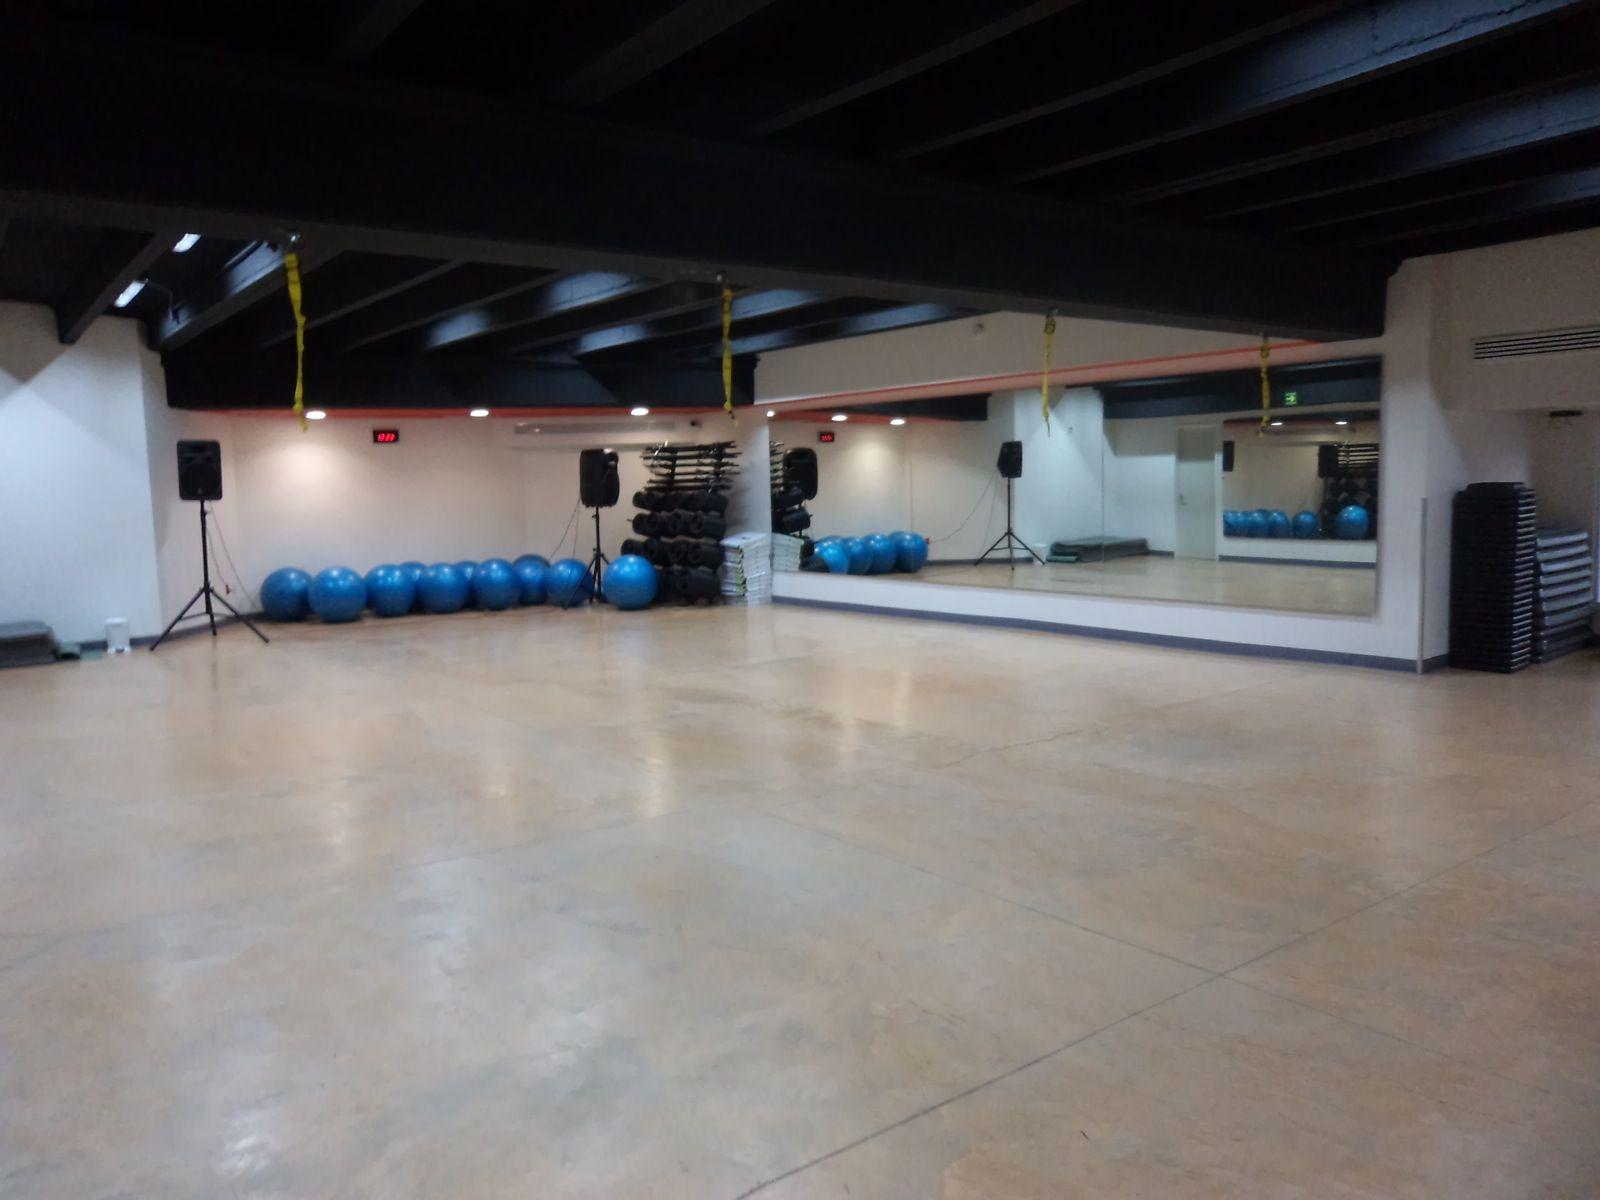 Fitness center fitness center basketball court basketball